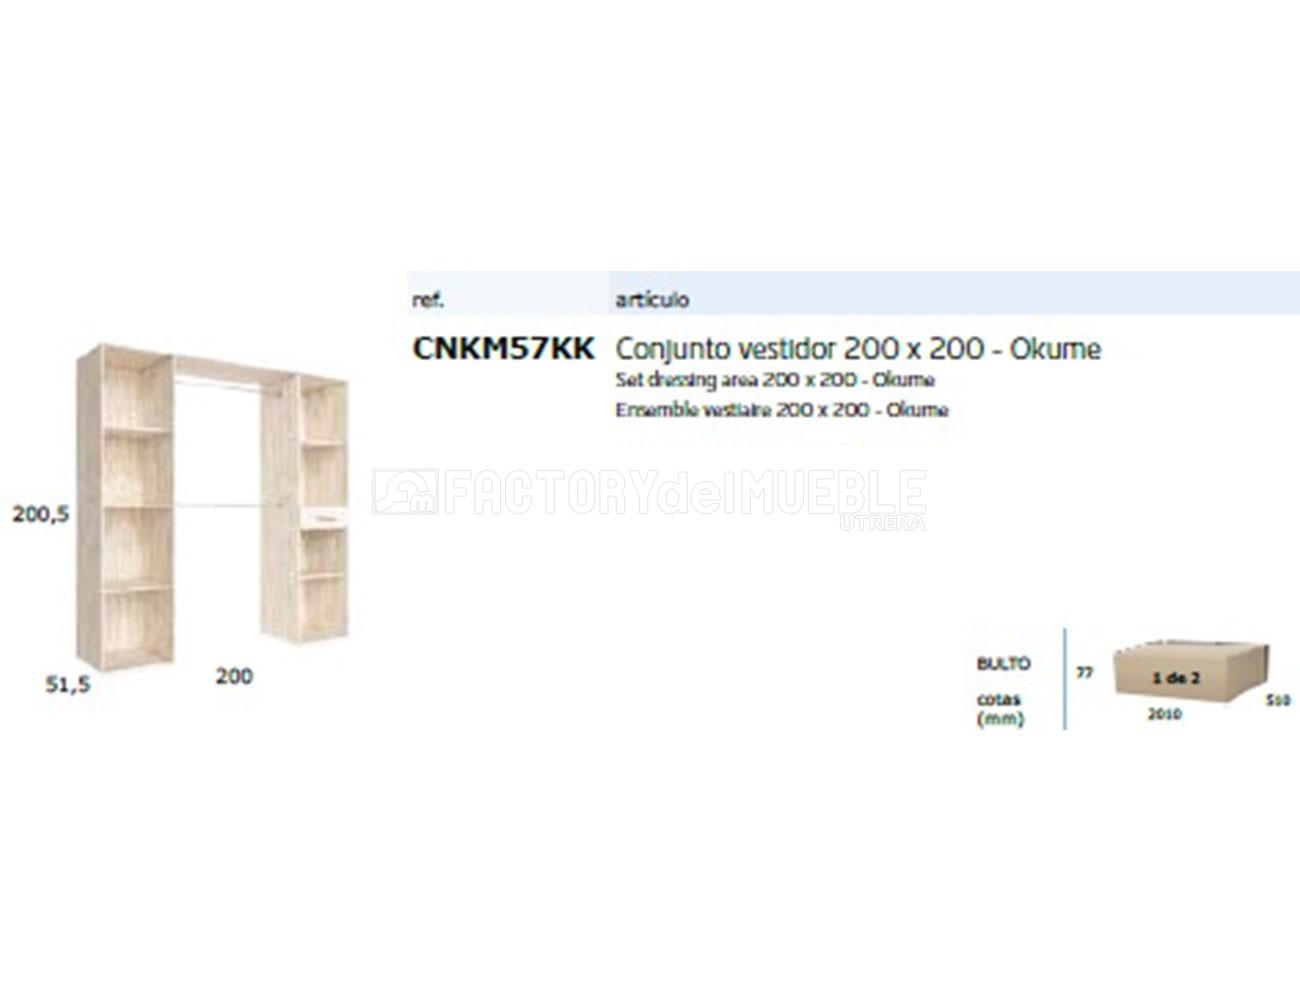 Cnkm57kk conjunto vestidor 200x200